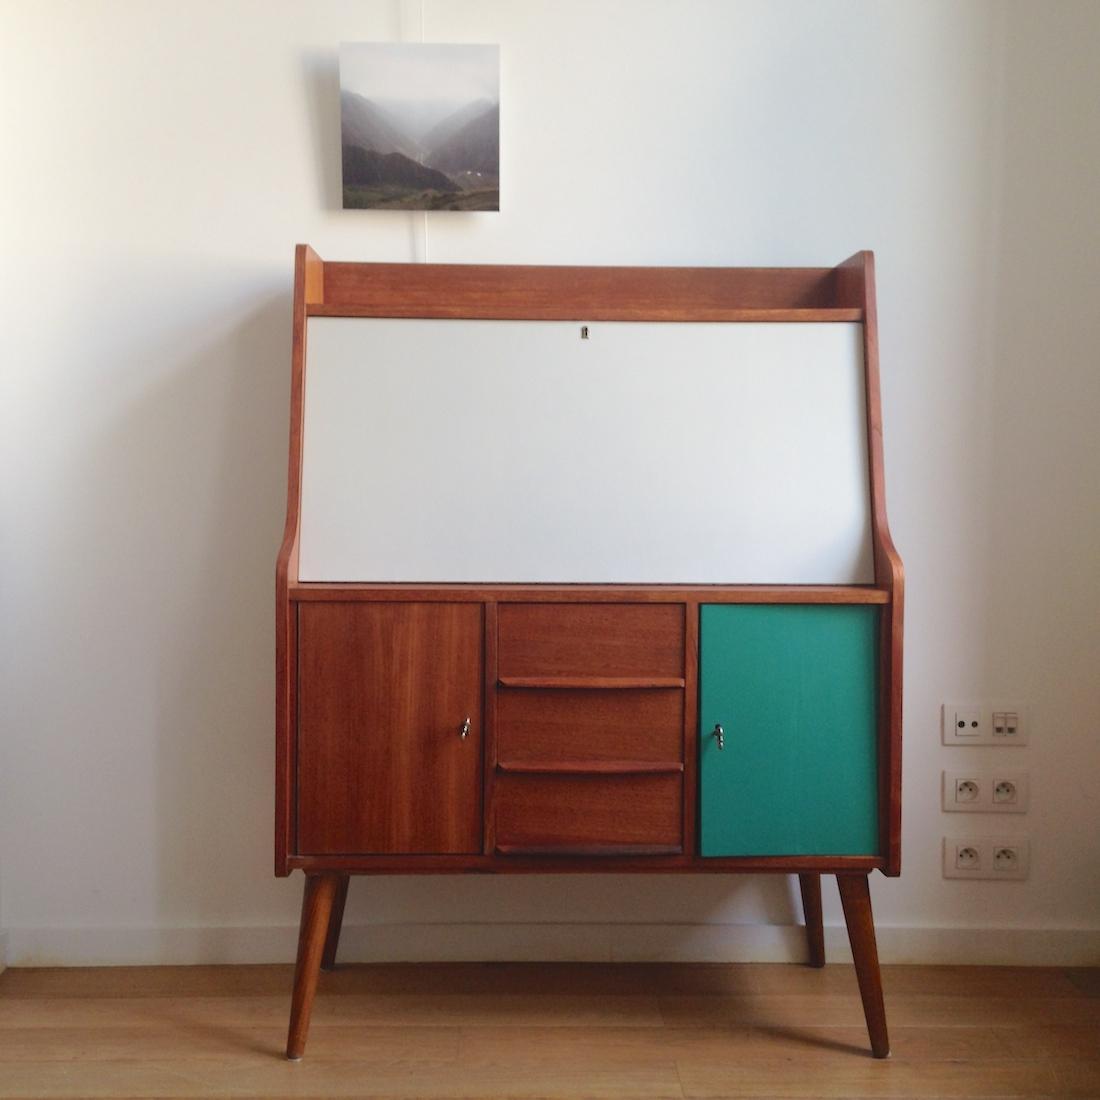 secr taire scandinave ann es 50 la maison bruxelloise. Black Bedroom Furniture Sets. Home Design Ideas